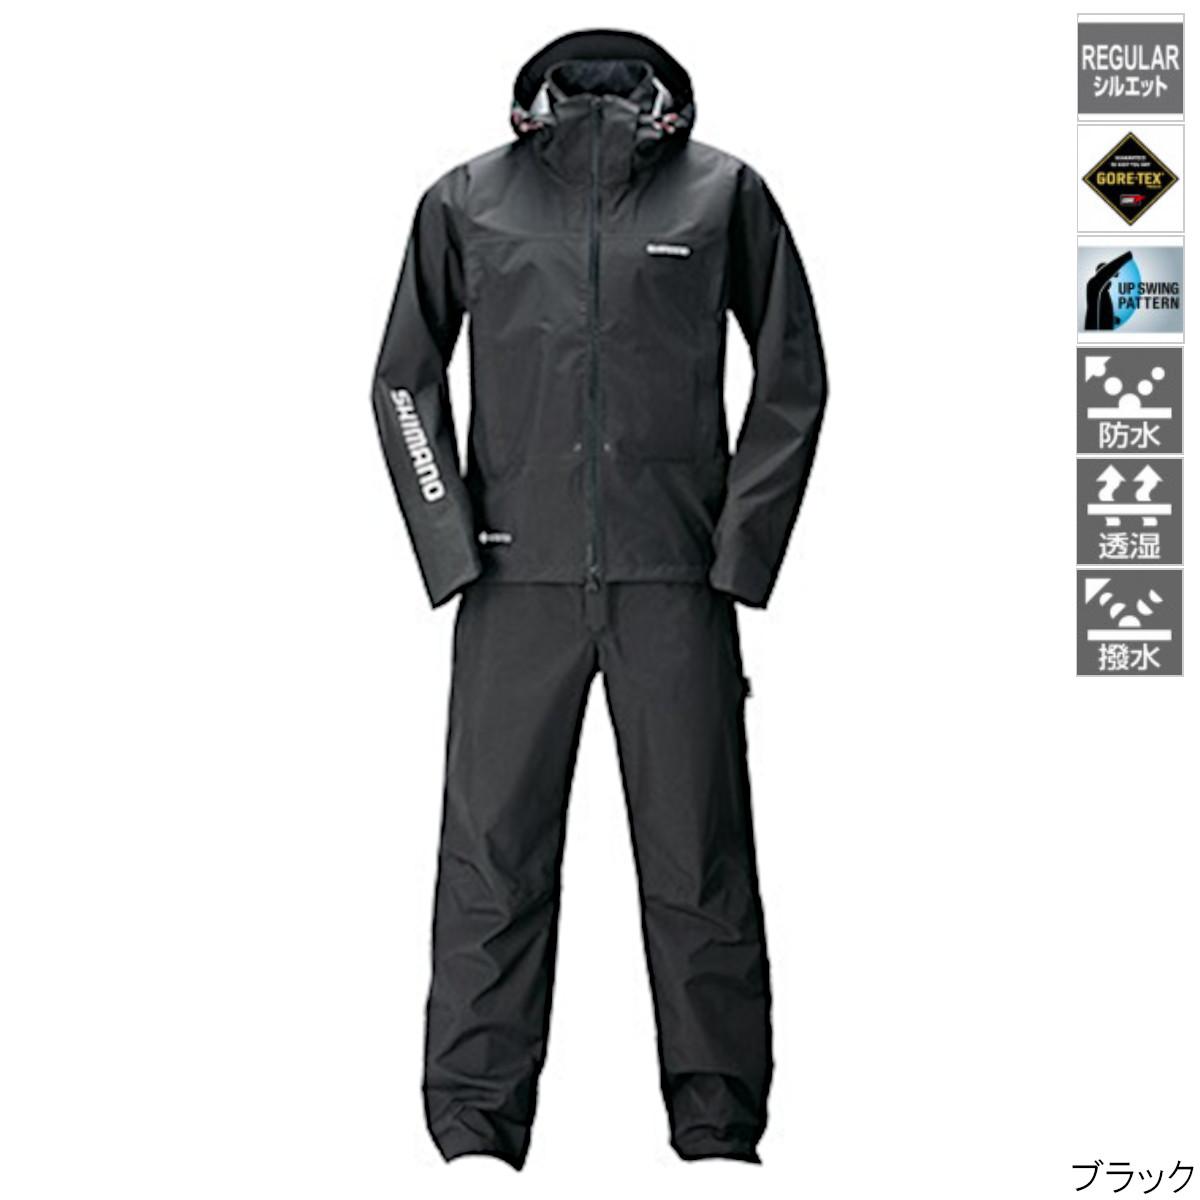 GORE-TEX アドバンスレインスーツ RA-017T 2XL ブラック シマノ